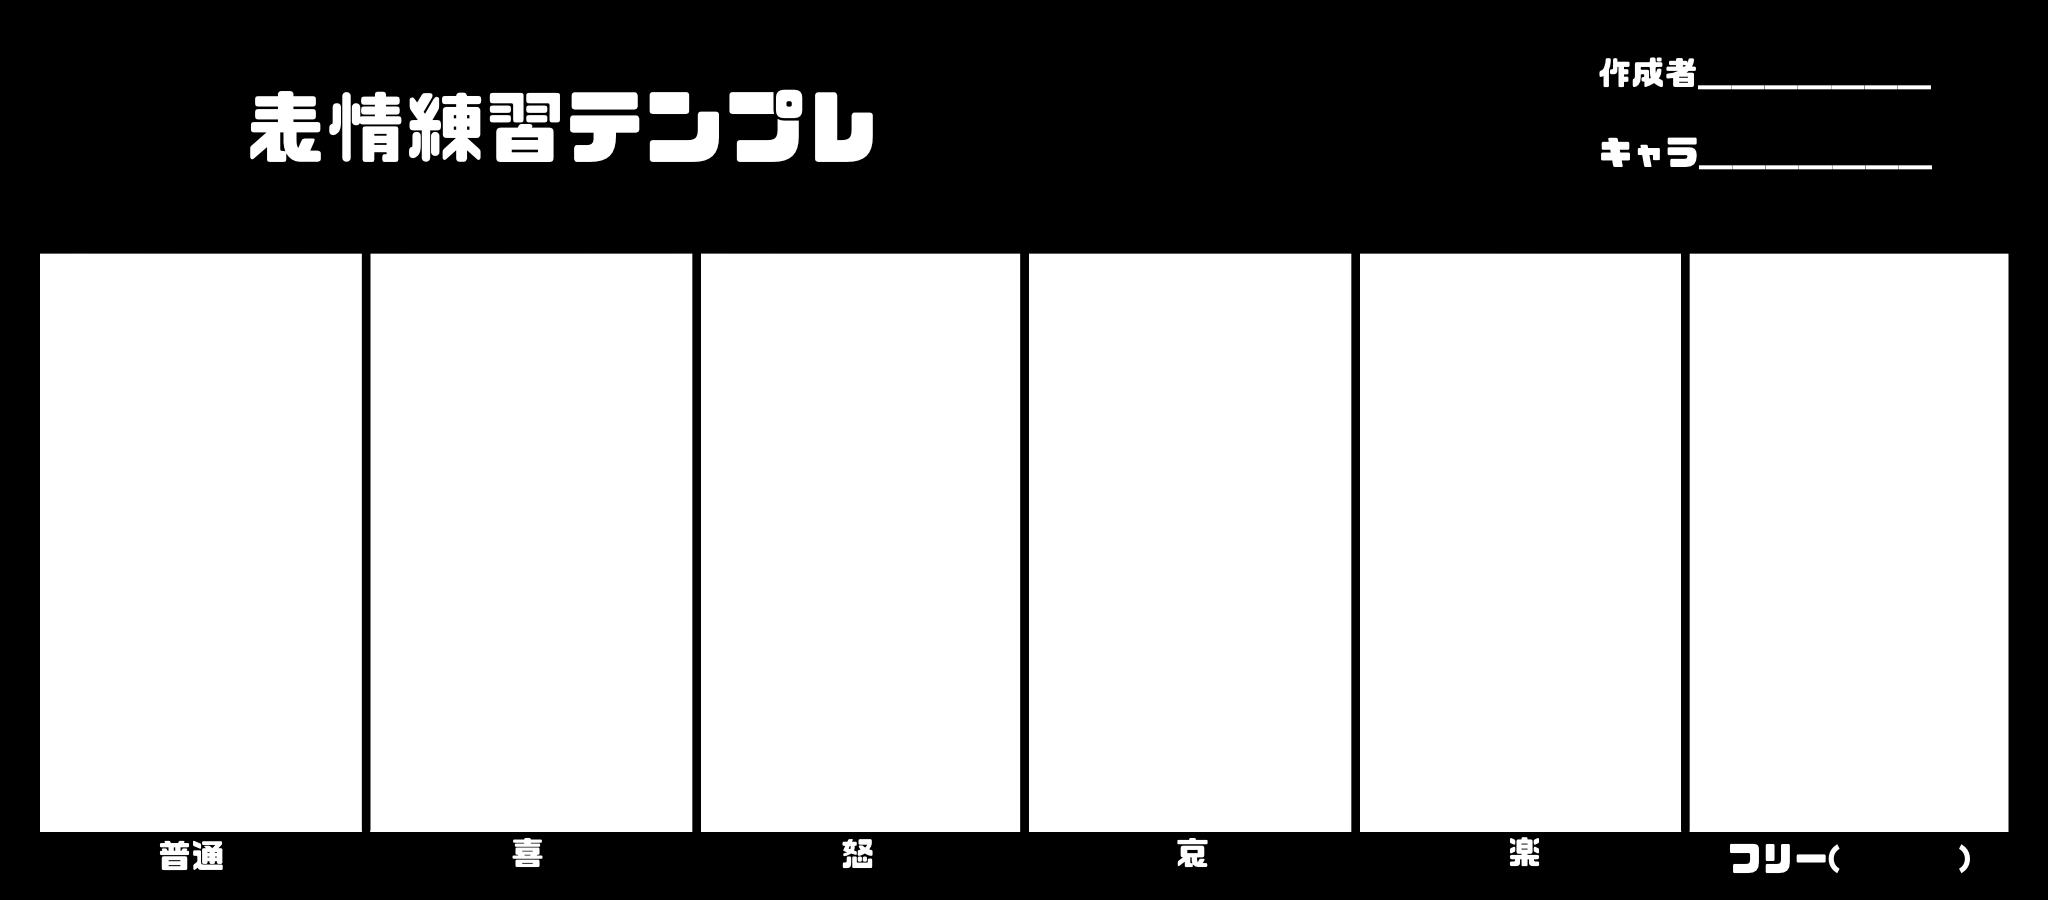 表情練習(+テンプレ配布) Illust of 海鈴 しばらく不在 doodle Personification oc テンプレート 表情練習テンプレ